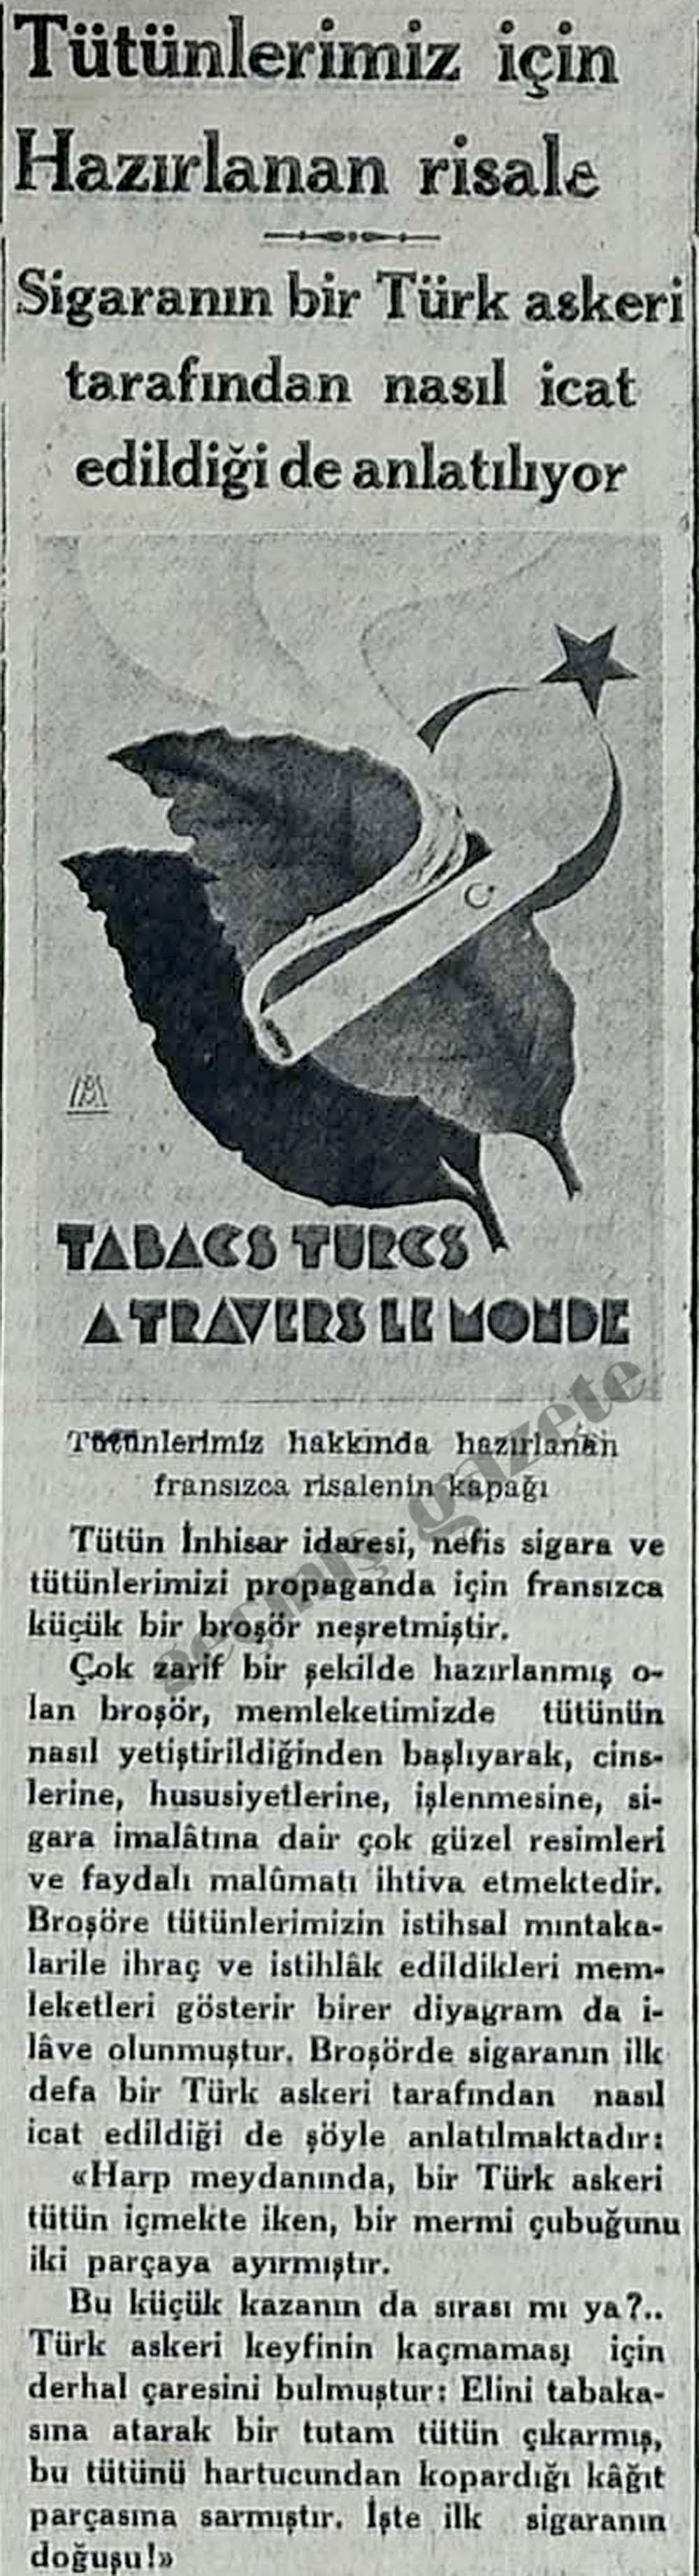 Tütün İnhisar idaresi, nefis sigara ve tütünlerimizi propaganda için broşör neşretmiştir